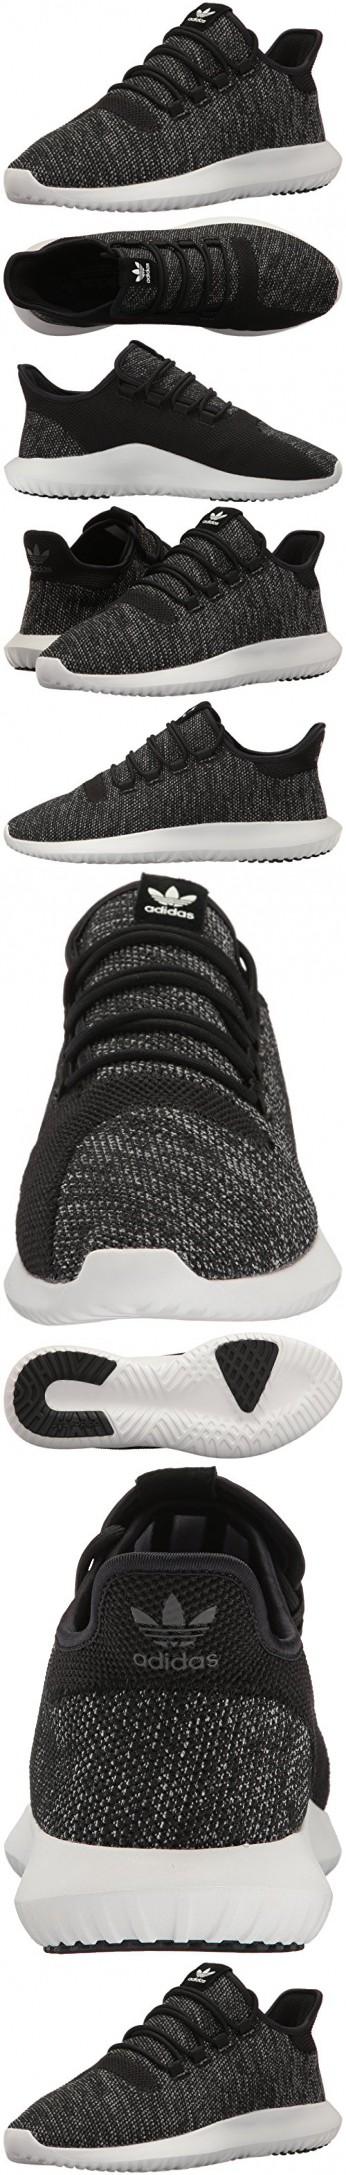 adidas originali degli uomini ombra tubulare a scarpa di moda, nero